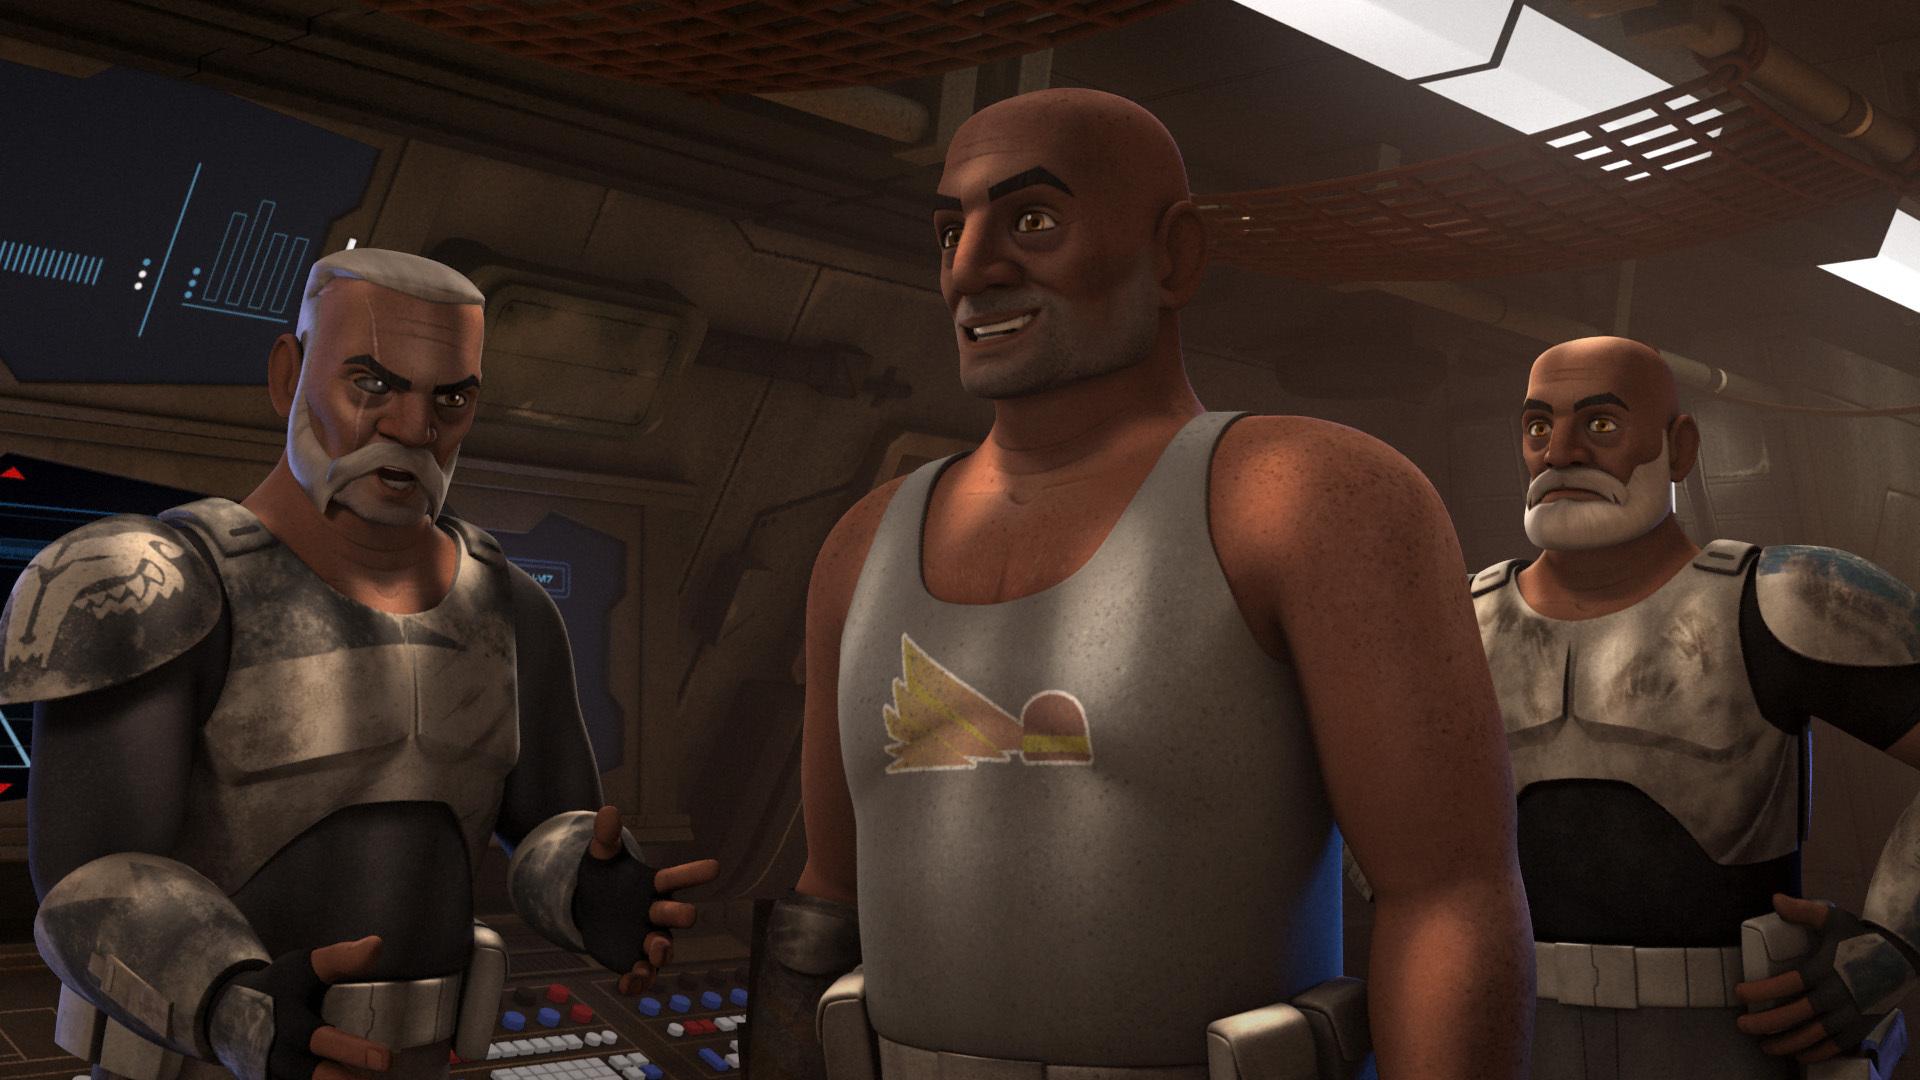 Clone Trooper Star Wars Rebels Wiki Fandom